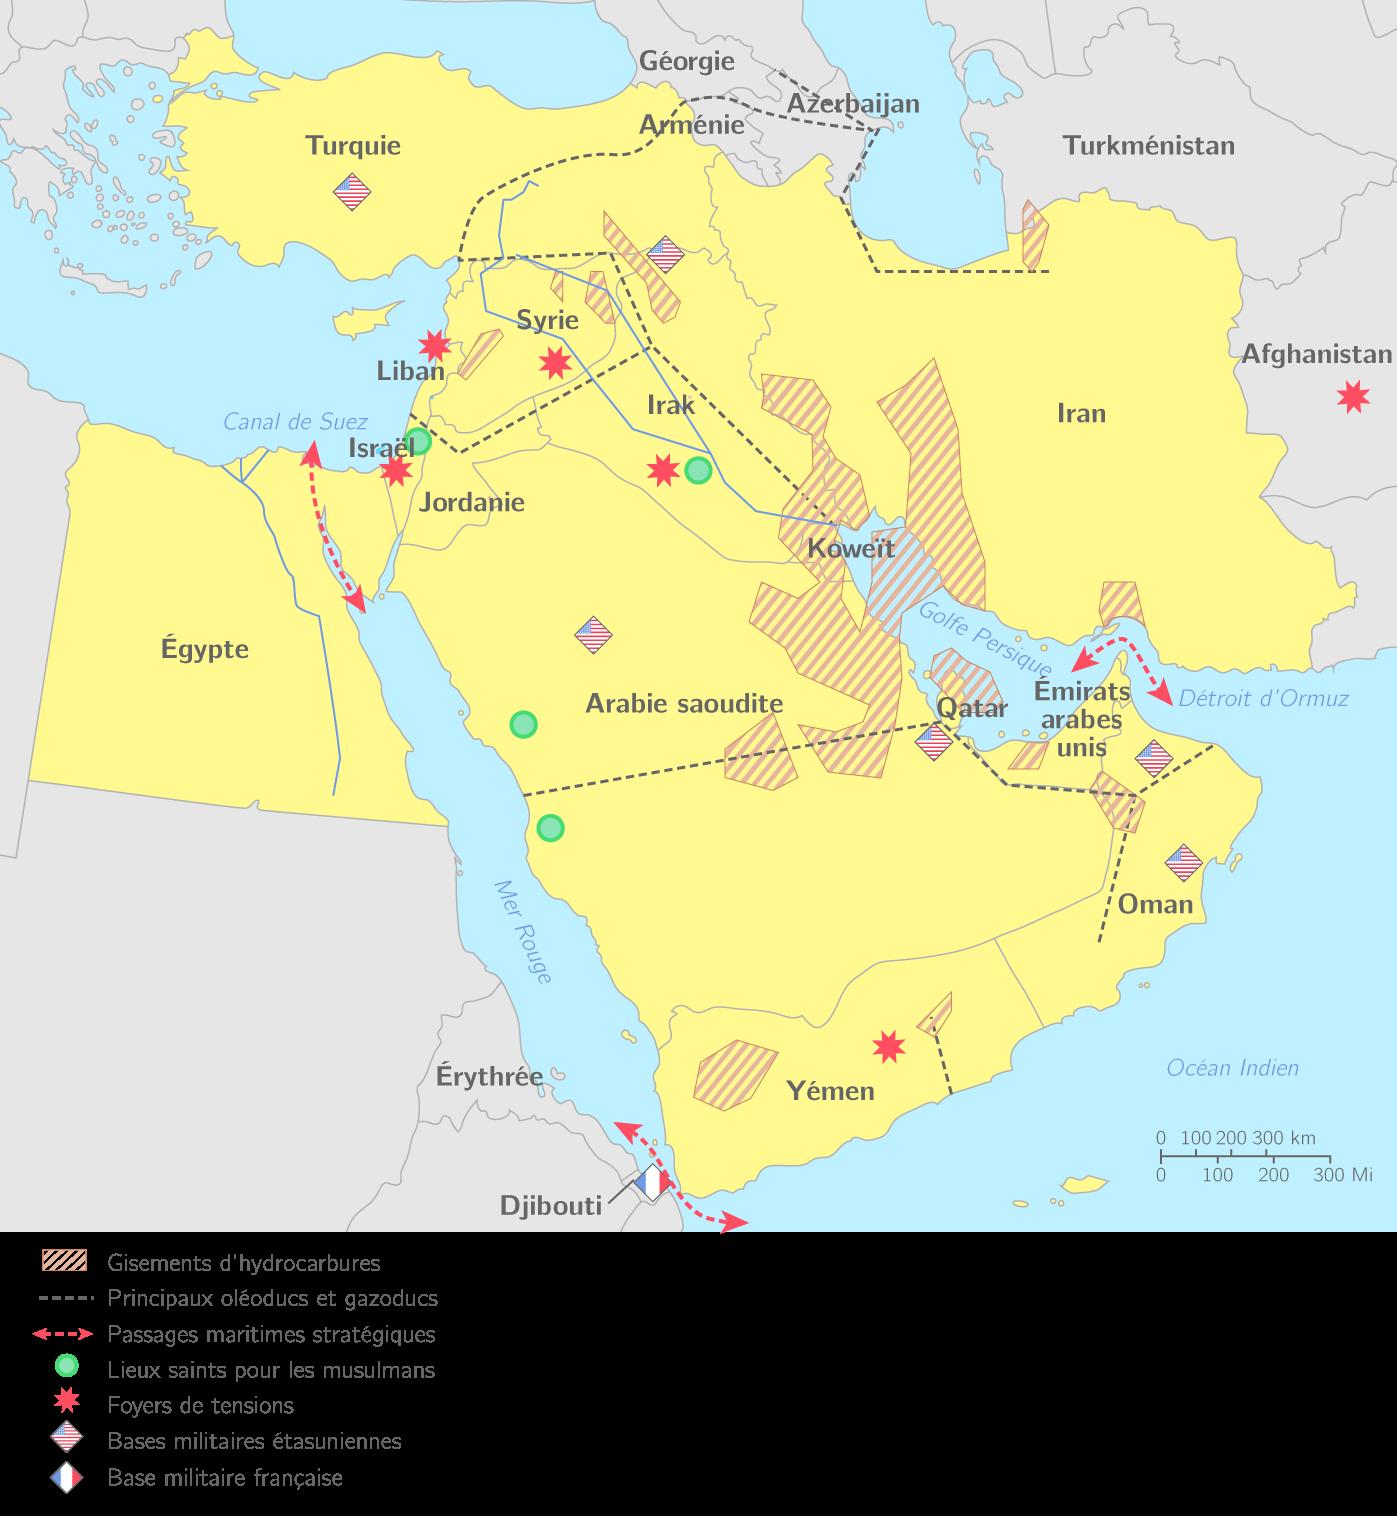 L'acheminement des hydrocarbures du Moyen-Orient